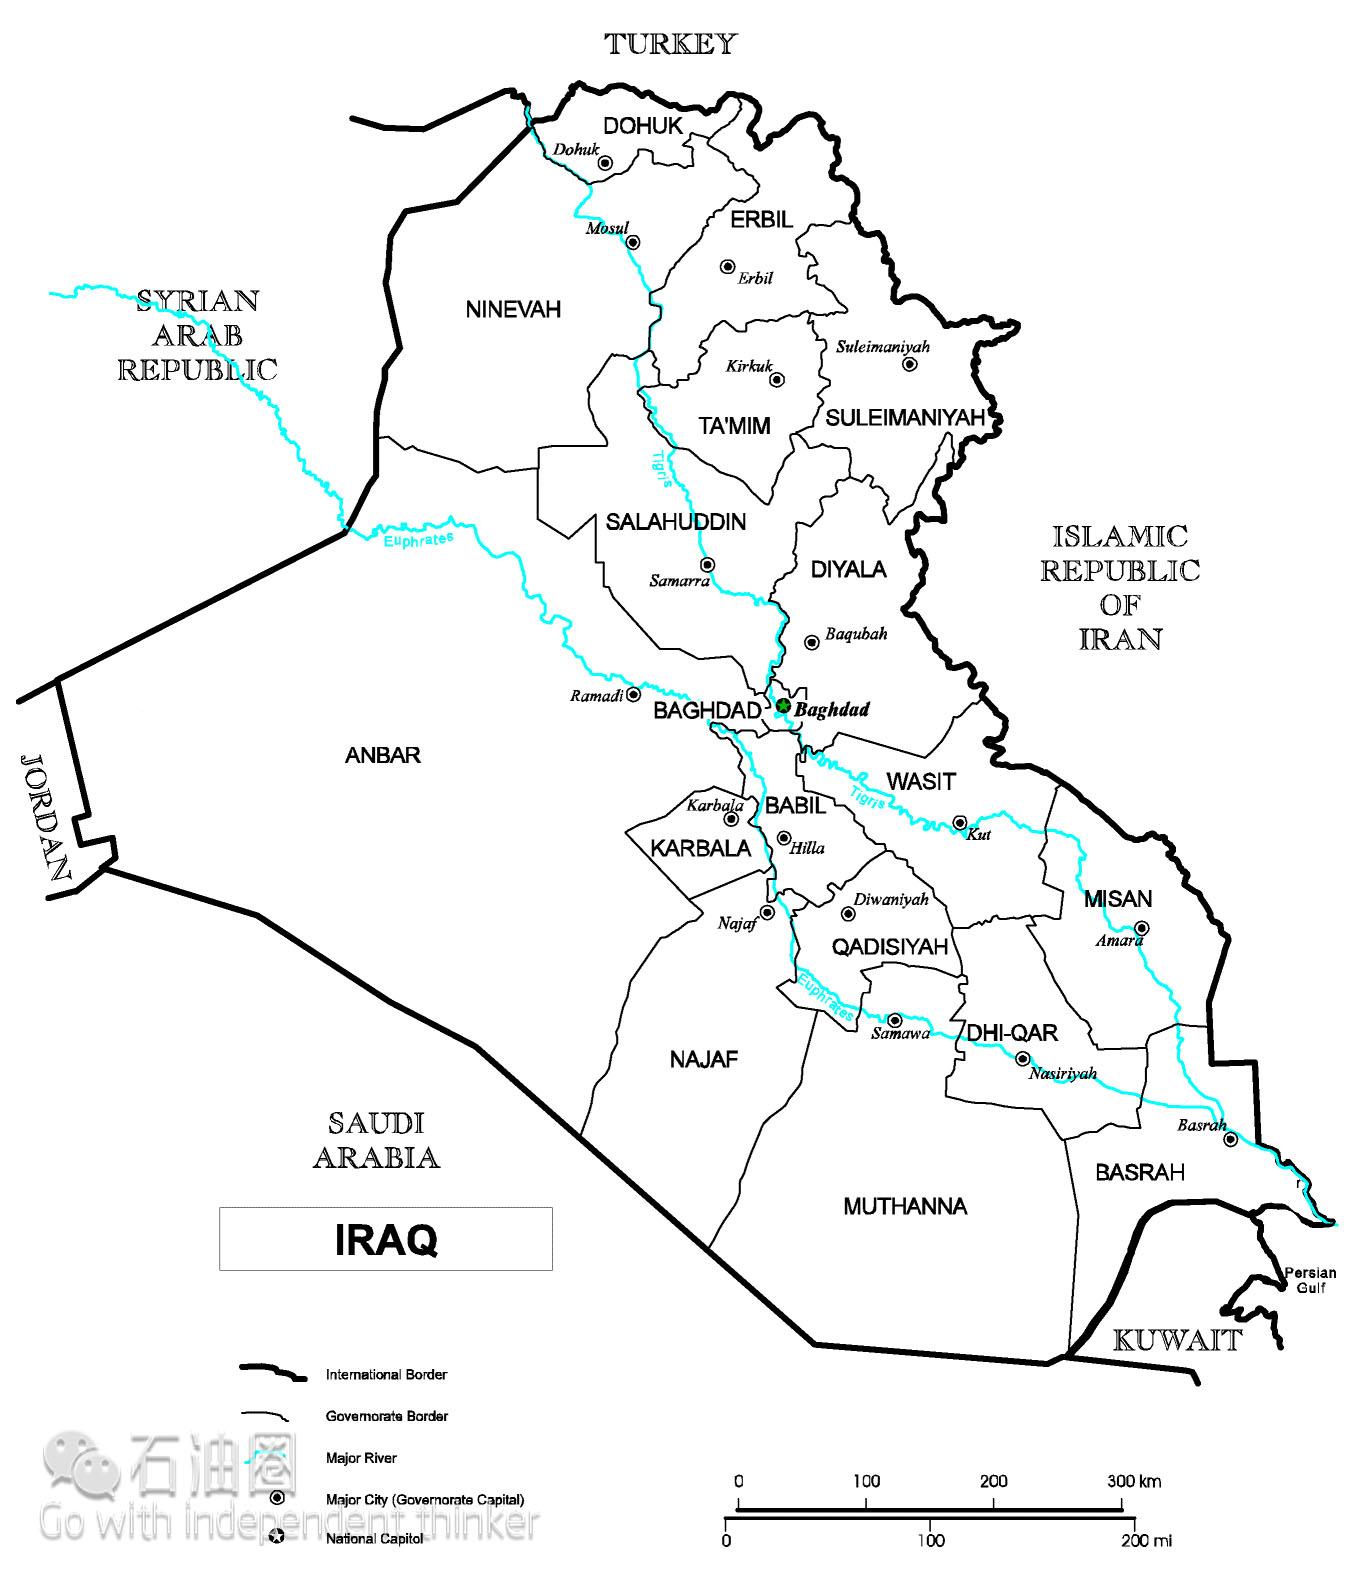 伊拉克,是阿拉伯半岛东北部国家。伊拉克石油资源富集,增产潜力巨大。据BP世界能源统计,截至2015年底,伊拉克的剩余探明石油储量约为1430亿桶,储量居世界第五位。1979年,伊拉克的原油产量达到历史峰值。尽管之后受到各种政治、军事不利因素的制约,2005年之后伊拉克石油再次进入增产期。伊拉克已经逐步脱离了美国的掌控,伊拉克油气工业也走上了独立发展之路。 在这片百废待兴的土地上,国内石油开发和外国投资缺乏法律依据,可操作性的石油行业法规严重缺失,但伊拉克是中东国家唯一愿意开放石油工业的国家,招标态度也由